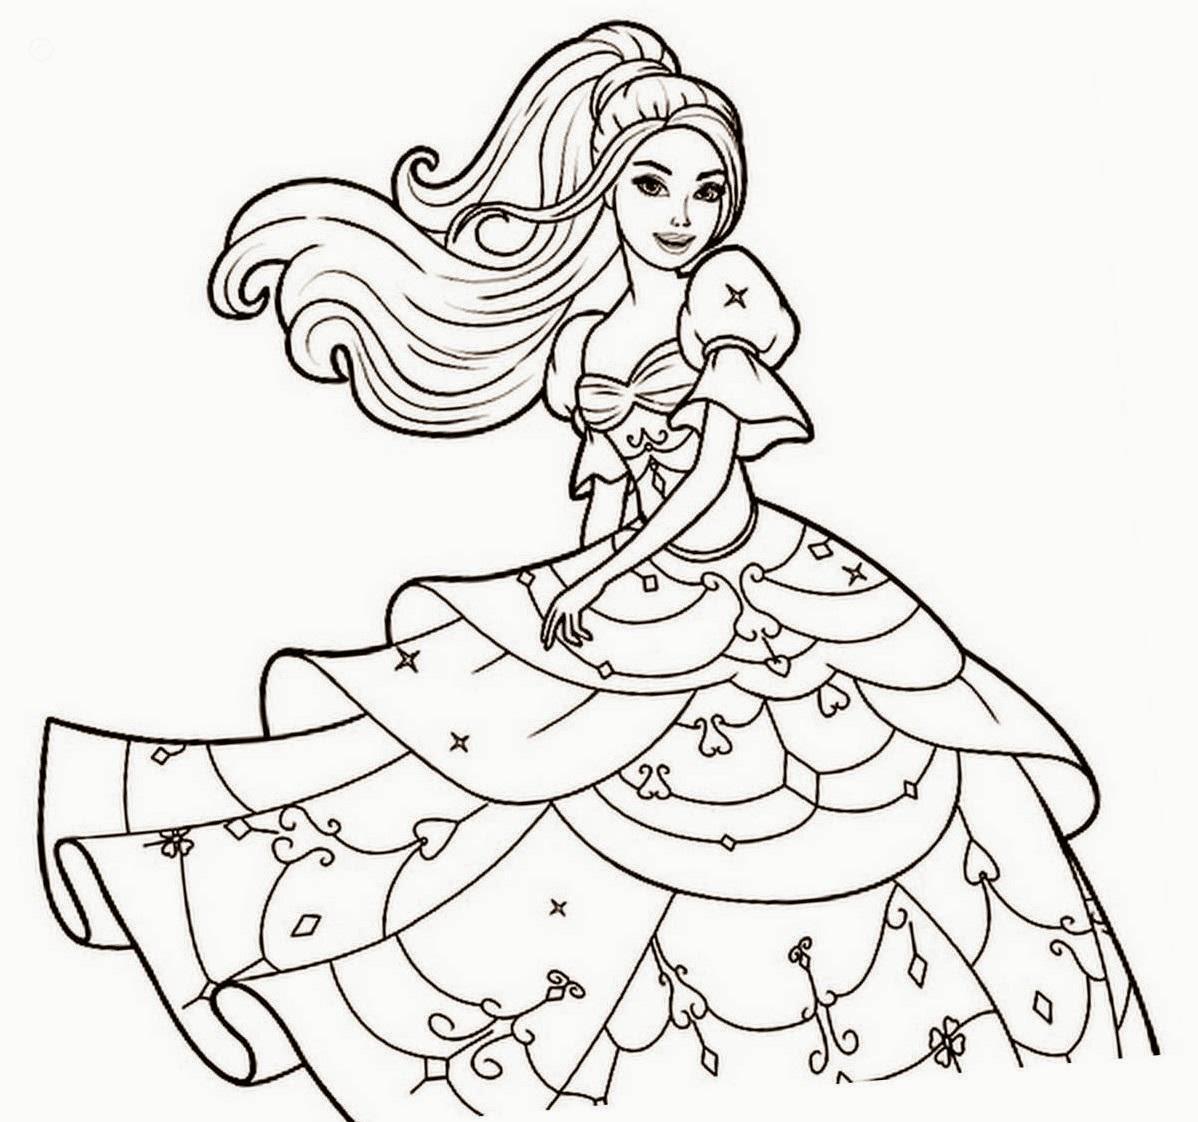 1198x1122 Barbie Cartoons Sketch In Hd Hd Images Of Barbie Cartoon